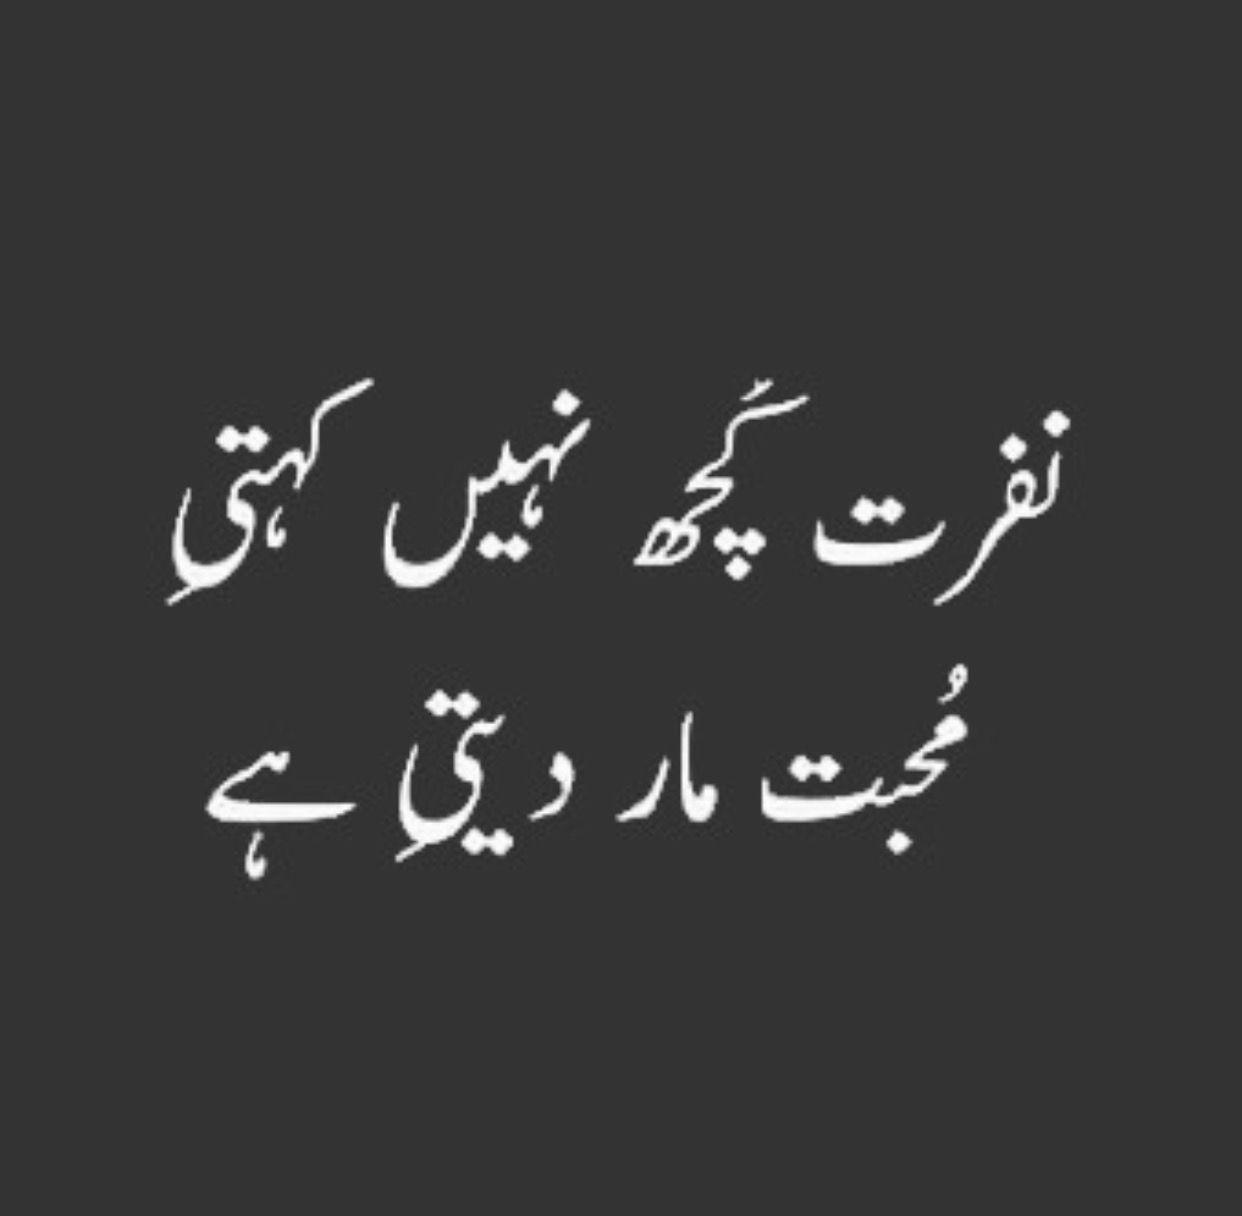 Quotes In Urdu Nafrat.urdu Quotes  Urdu❤  Pinterest  Urdu Quotes